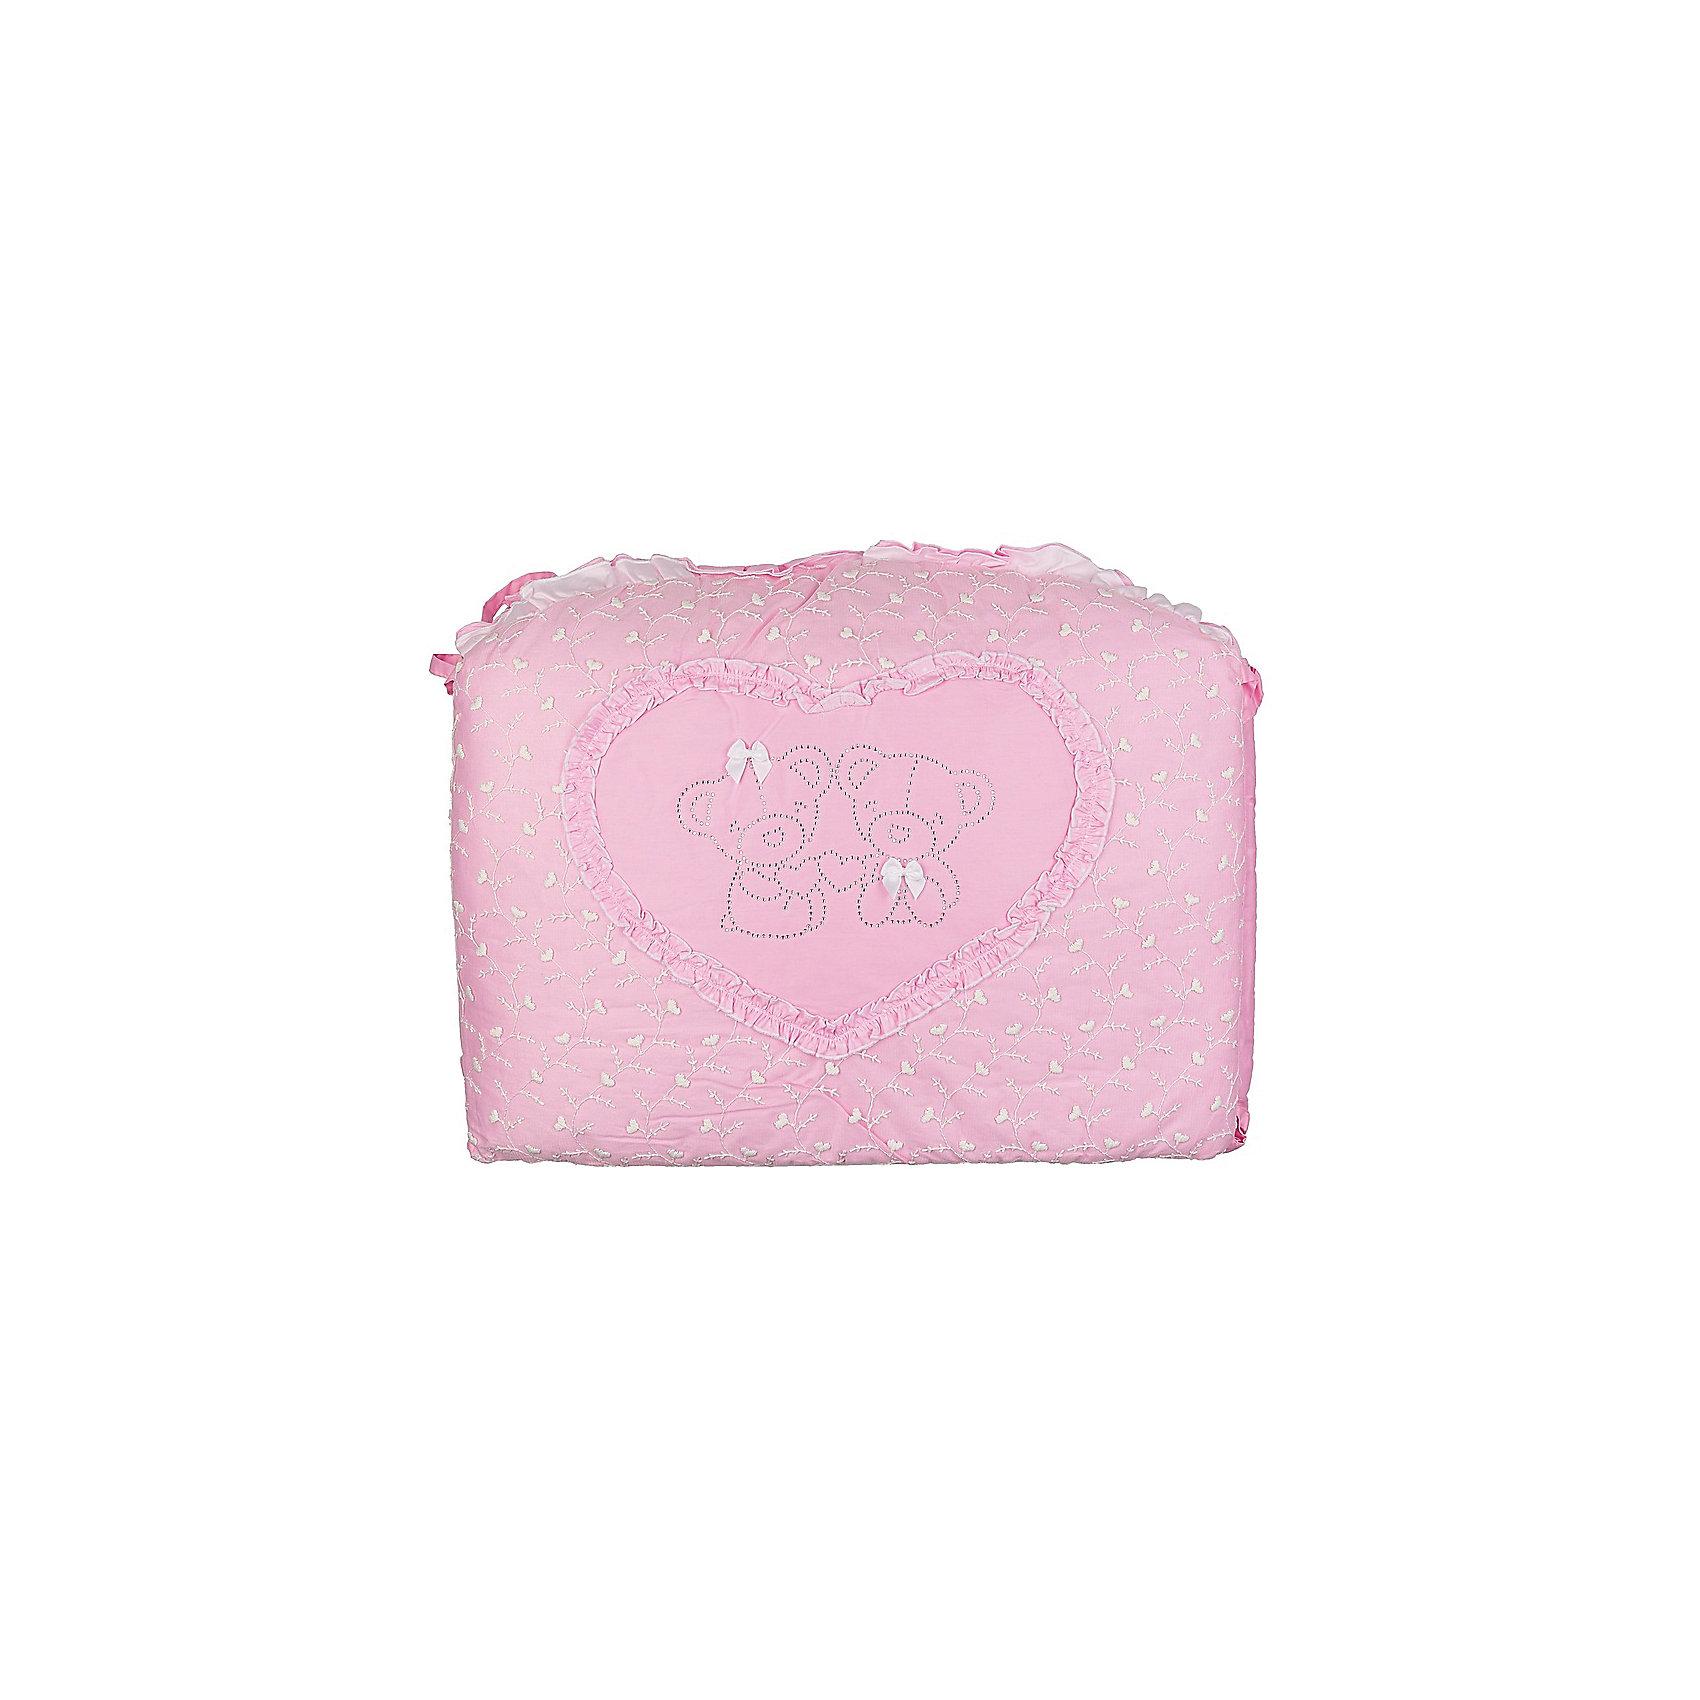 Постельное белье НАРЯДНЫЙ 7 пред., Soni kids, розовыйПостельное бельё<br>Нежный комплект детского постельного белья состоящий из семи предметов.<br>Пусть Ваш ребенок с удовольствием окунется в сказку!<br><br>Дополнительная информация:<br><br>- Размеры: <br> Одеяло 140х110 см.<br> Пододеяльника 142х112 см.<br> Бортик на всю кроватку 360х44 см.<br> Простынке на резинке 150х90 см.<br> Подушка 40х60 см.<br> Наволочка 40х60 см. <br> Вуаль-балдахин 165х420 см.<br>- Возраст: до 3 лет.<br>- Состав: 100% высококачественный хлопок.<br>- Материал: сатин.<br>- Цвет: розовый.<br>- Размер упаковки: 25х60х45 см.<br>- Вес в упаковке: 1200 г.<br><br>Купить постельное белье НАРЯДНЫЙ в розовом цвете, от Soni kids можно в нашем магазине.<br><br>Ширина мм: 250<br>Глубина мм: 600<br>Высота мм: 450<br>Вес г: 1200<br>Возраст от месяцев: 0<br>Возраст до месяцев: 36<br>Пол: Женский<br>Возраст: Детский<br>SKU: 4905951